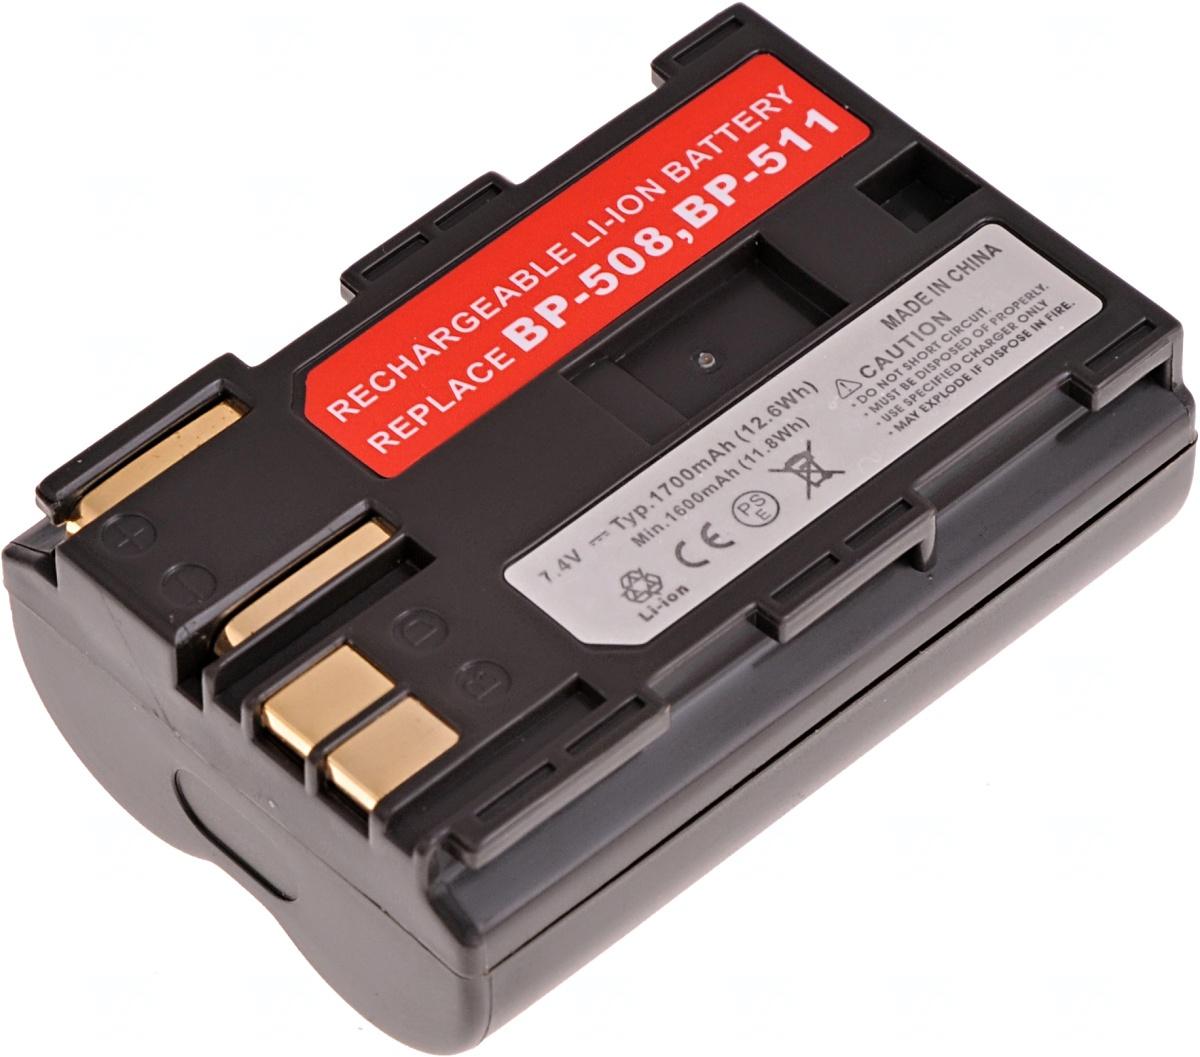 Baterie T6 power Canon BP-508, BP-511, BP-511A, BP-512, BP-514, 1700mAh, hnědá (Baterie a gripy)